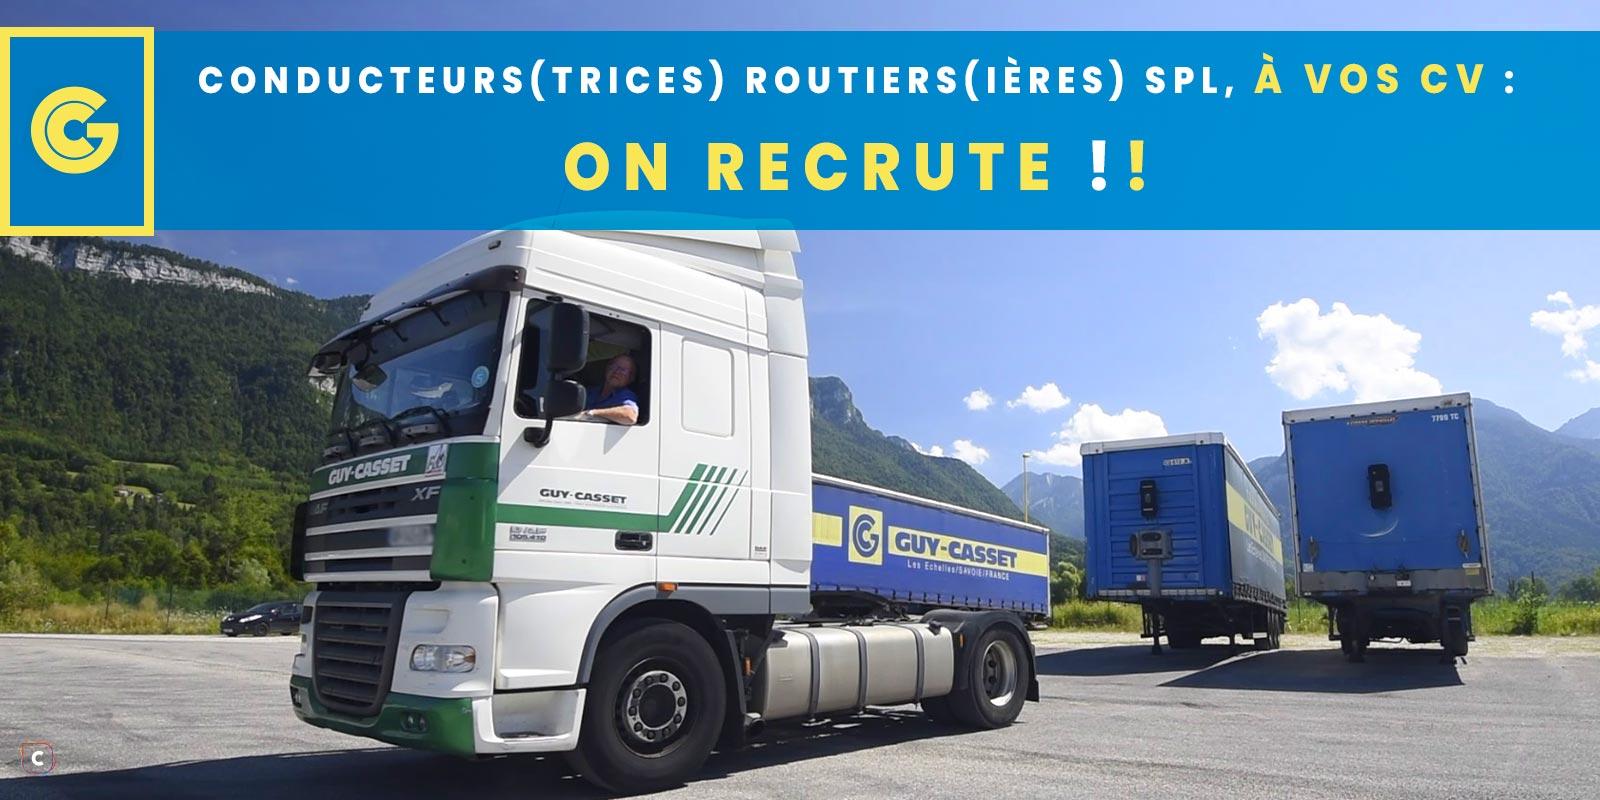 On recrute: conducteur(trice) routier(ère) SPL